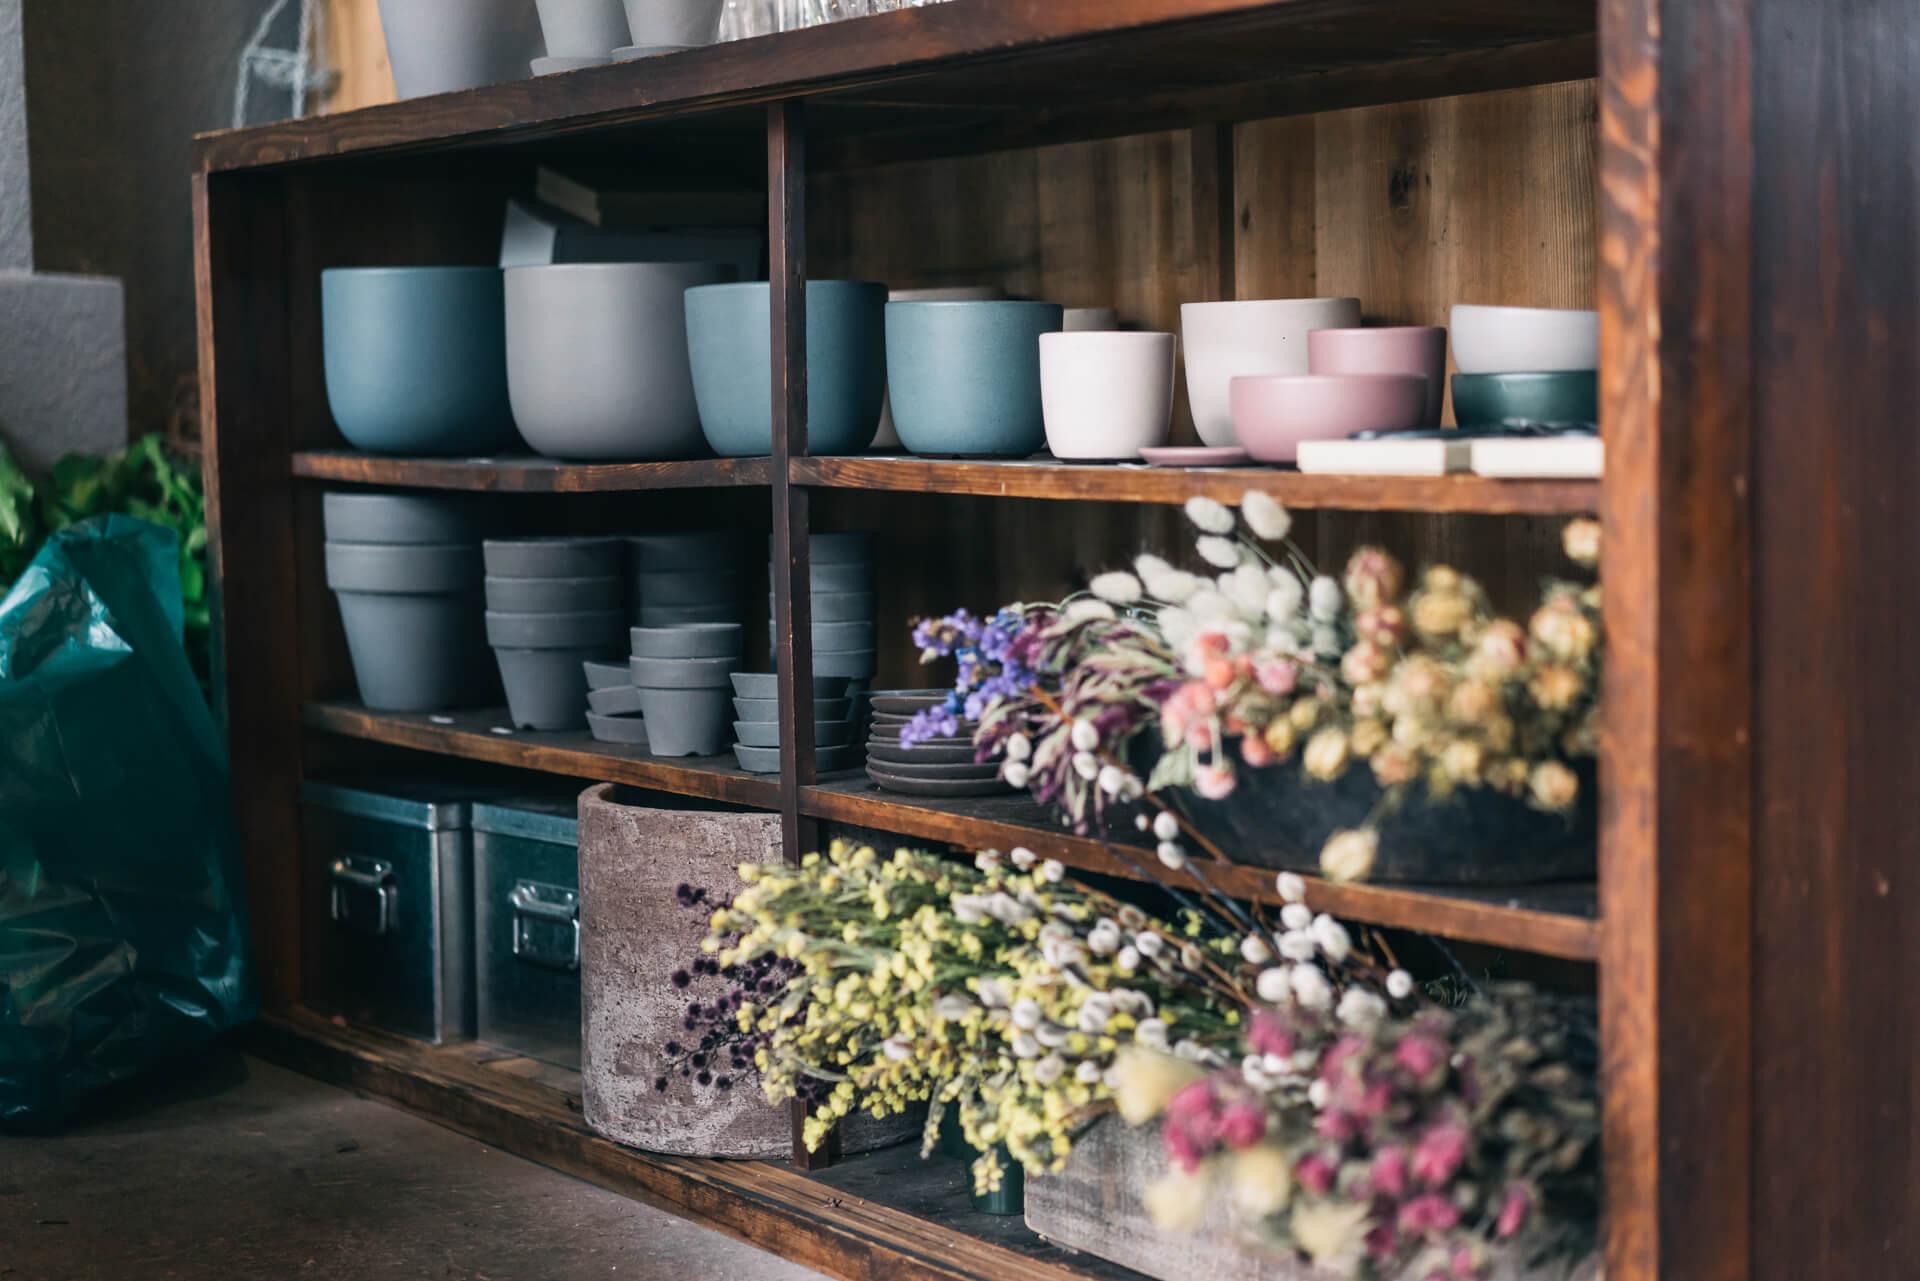 絶妙な色合いが素敵な鉢は、徳島の大谷焼の窯元、SUEKI YARDのもの。